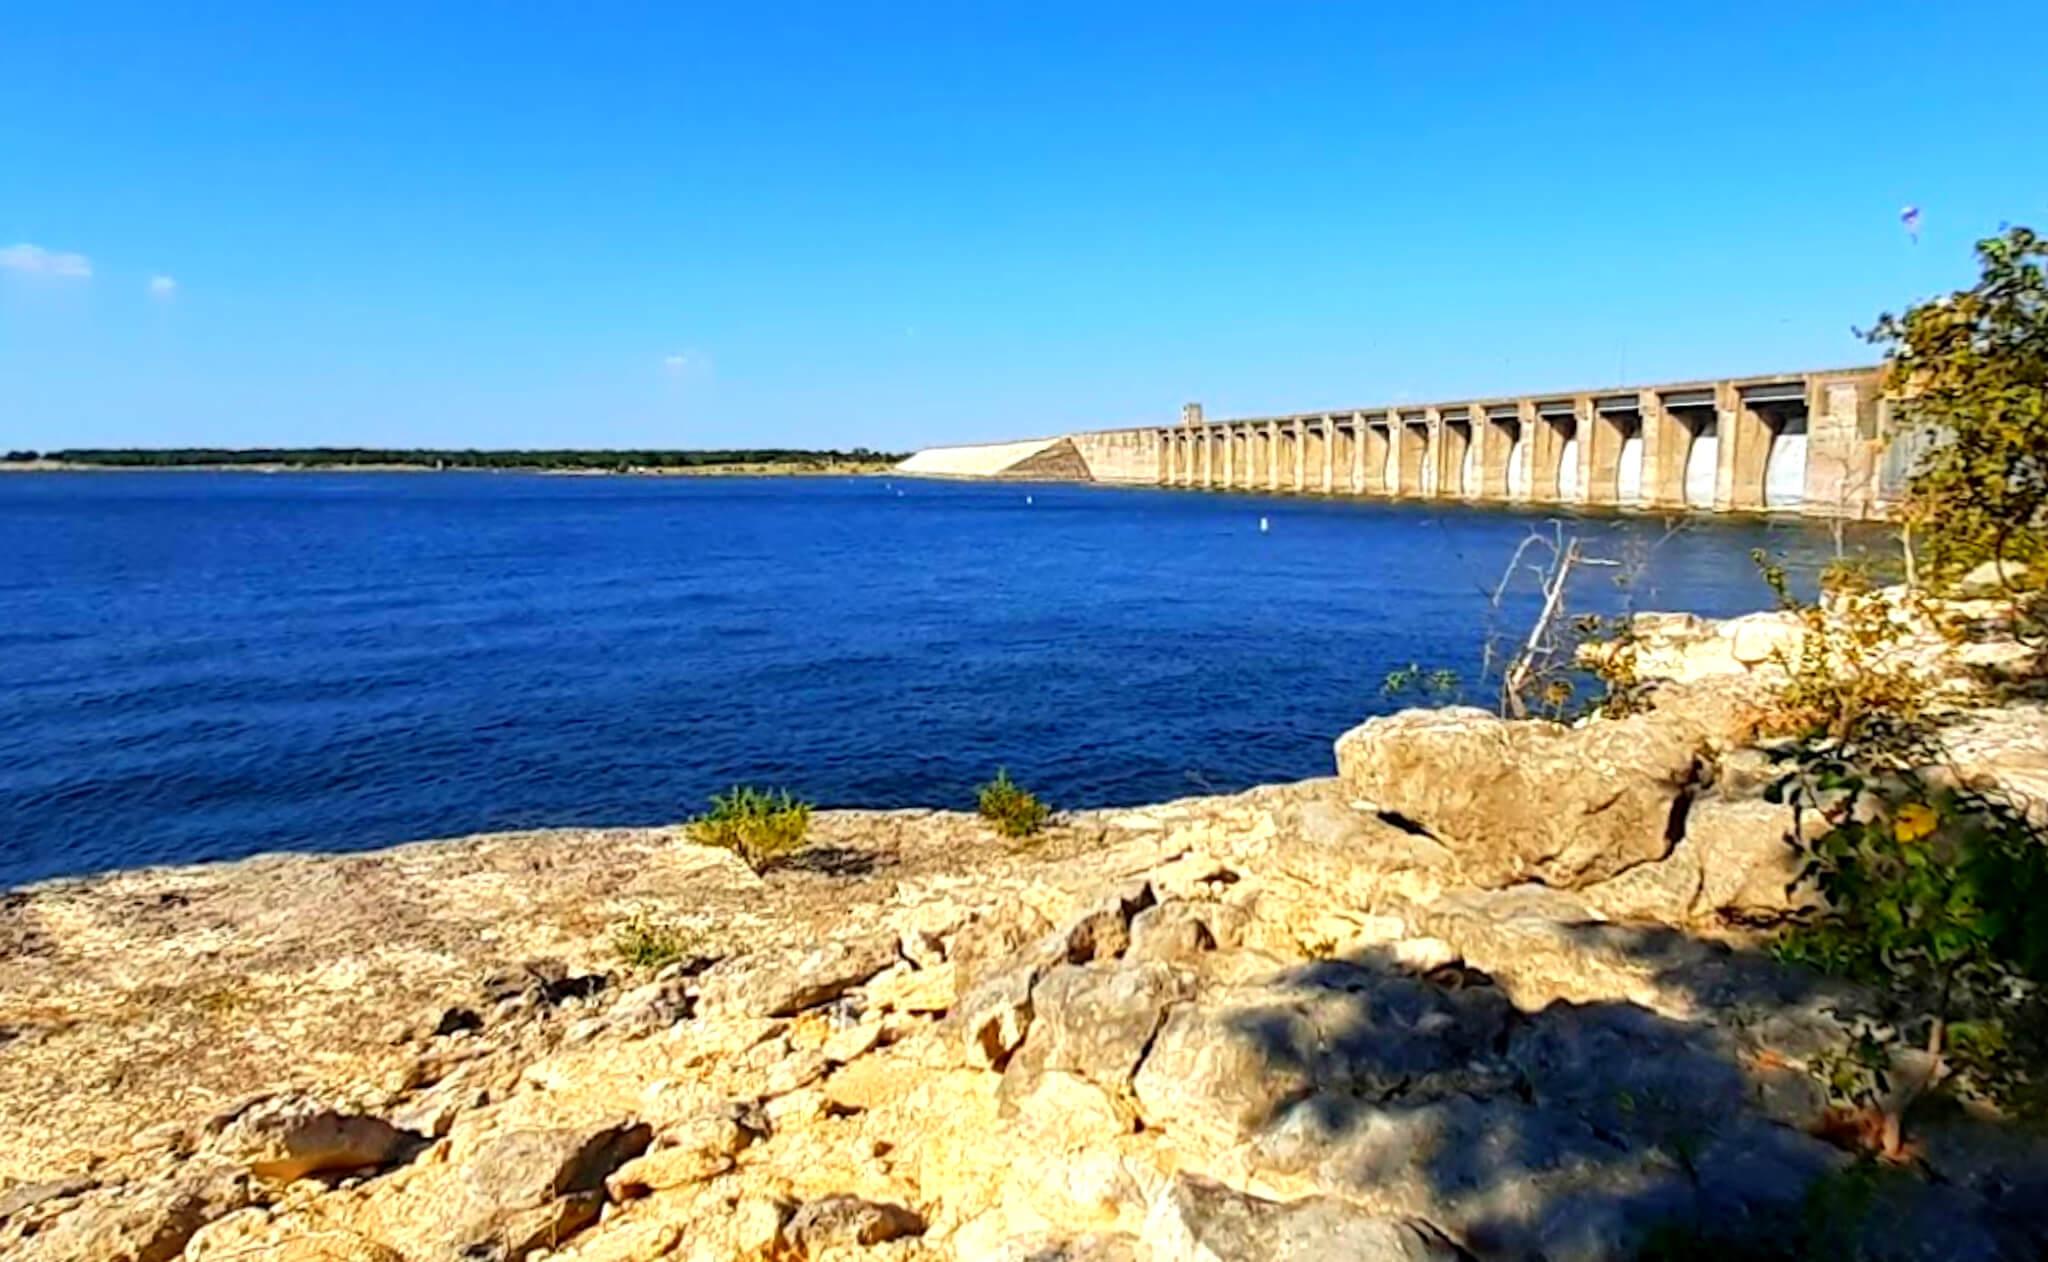 Whitney-Lake-Fishing-Report-Guide-Texas-TX-03